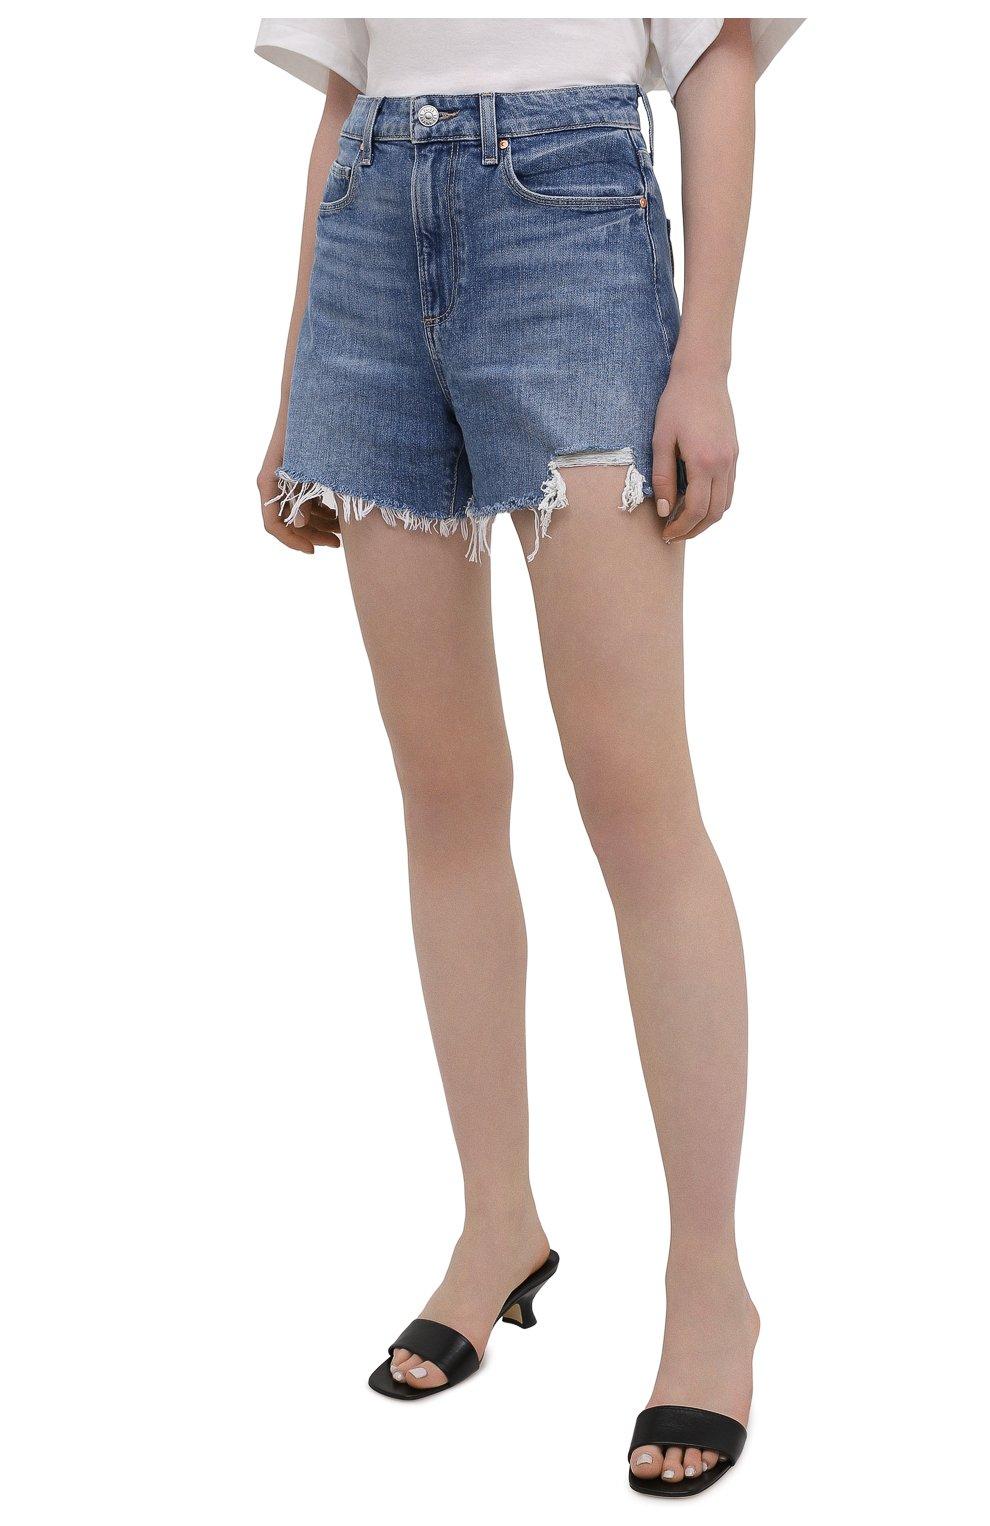 Женские джинсовые шорты PAIGE синего цвета, арт. 6234635-8598 | Фото 3 (Женское Кросс-КТ: Шорты-одежда; Кросс-КТ: Деним; Длина Ж (юбки, платья, шорты): Мини; Материал внешний: Хлопок; Стили: Кэжуэл)